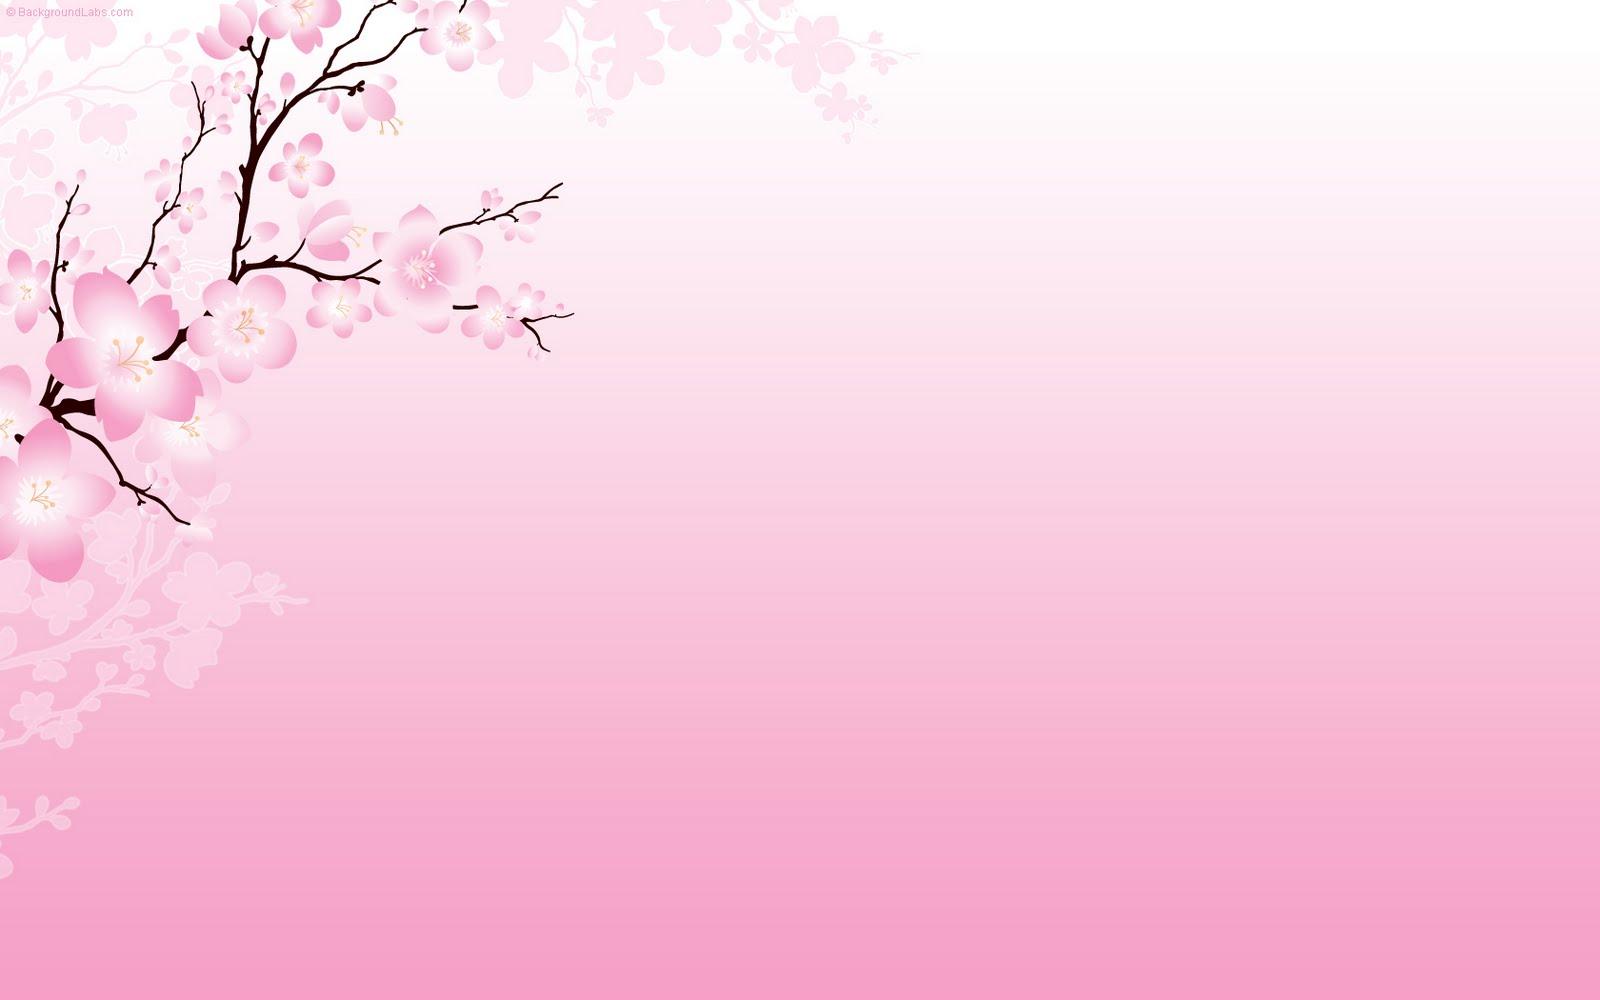 خلفيات وردي صور باللون الزهرى للشاشه احبك موت